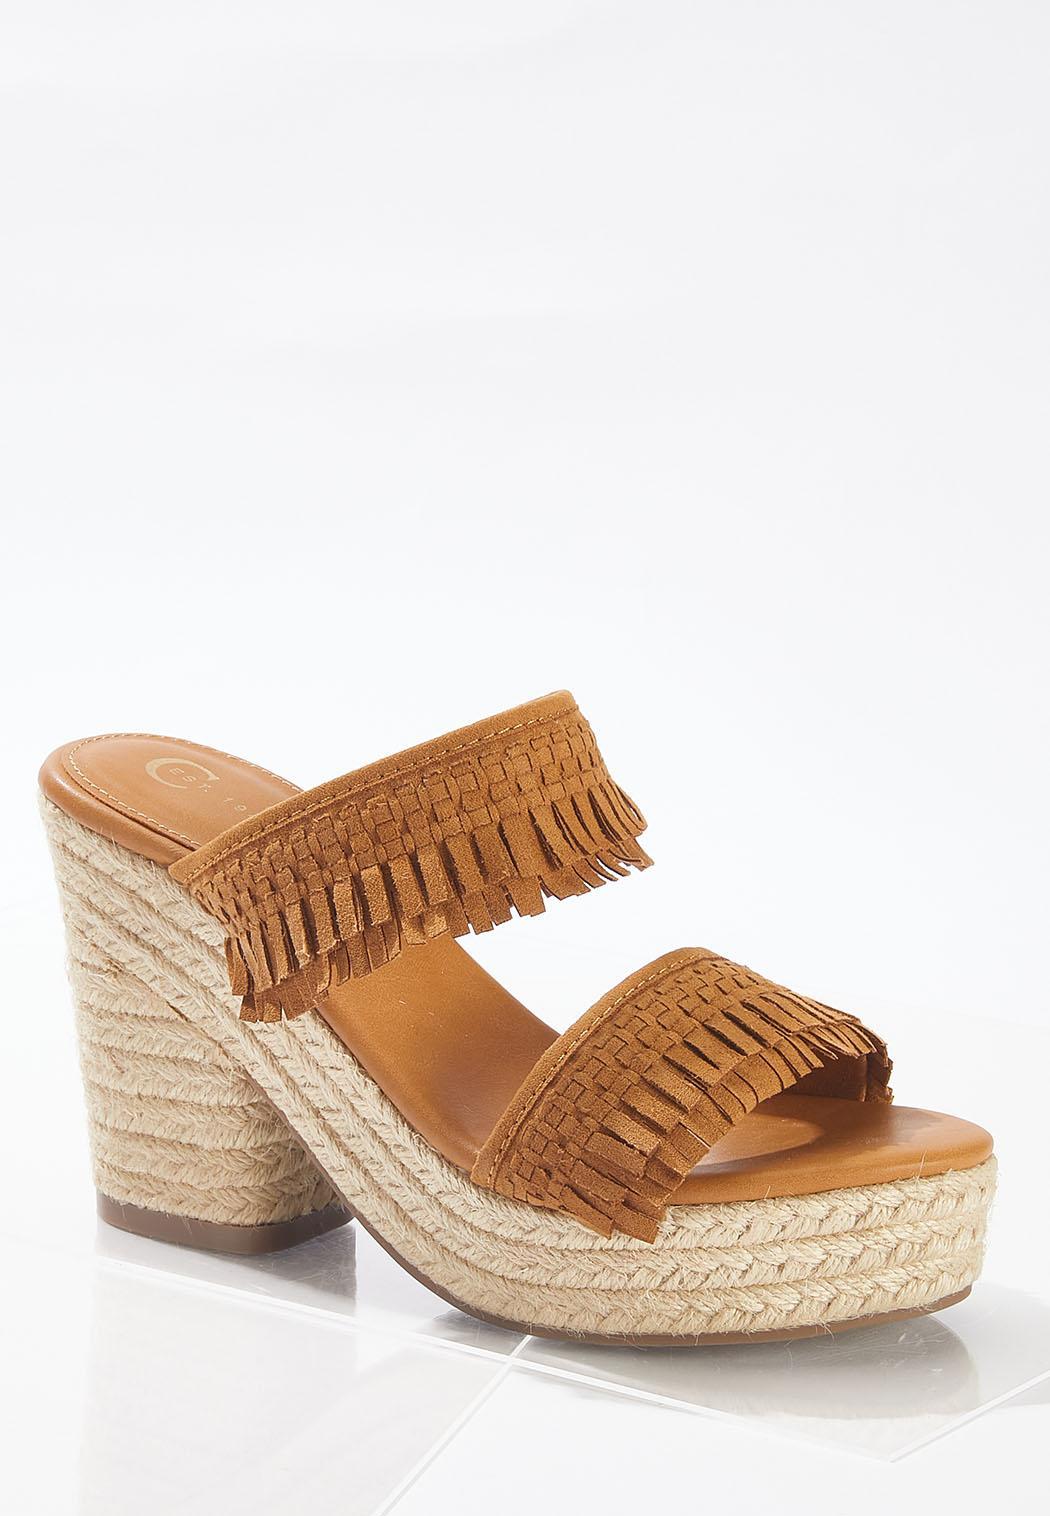 Fringe Band Platform Sandals